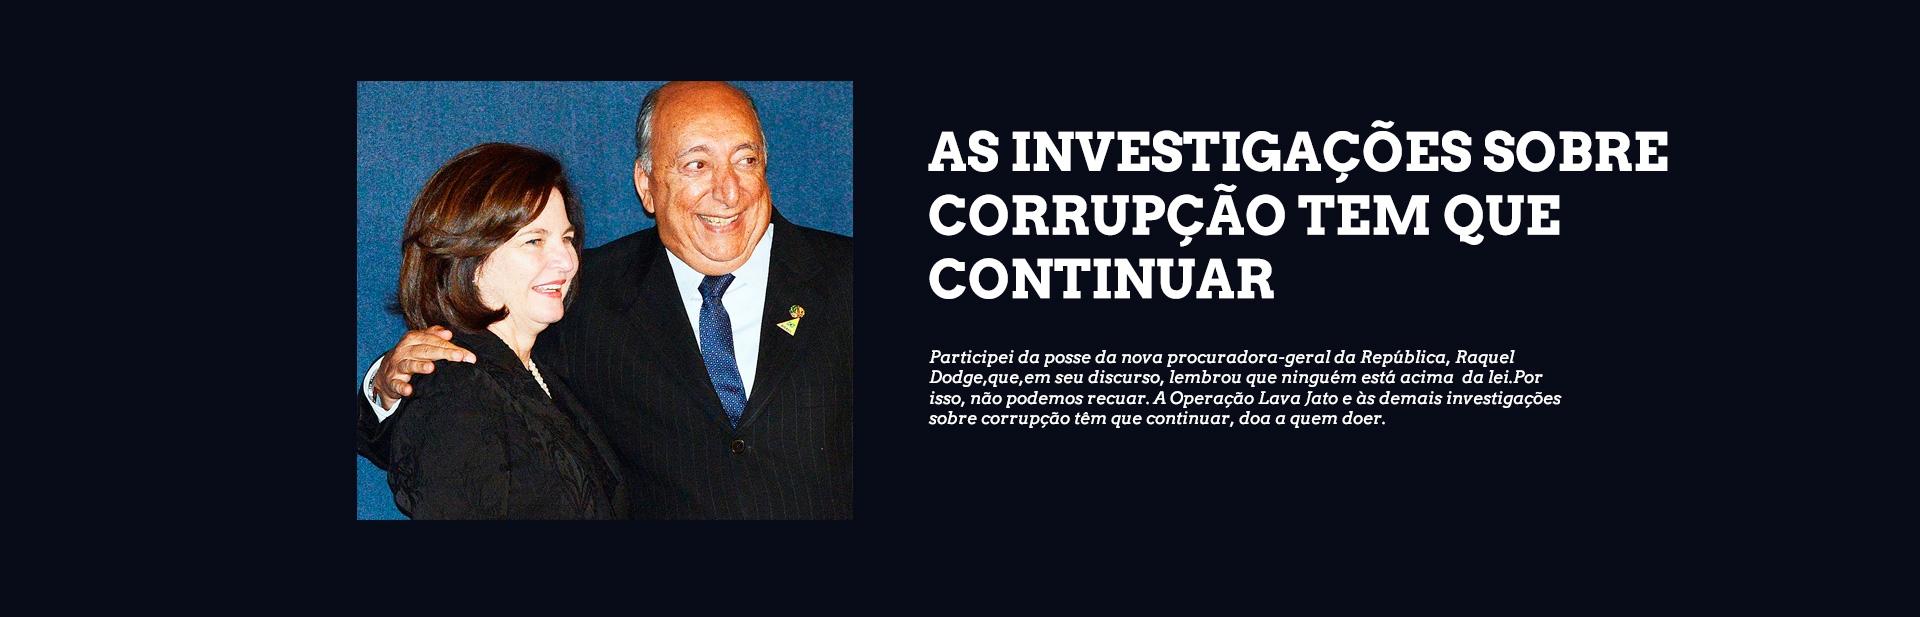 Combate a Corrupção